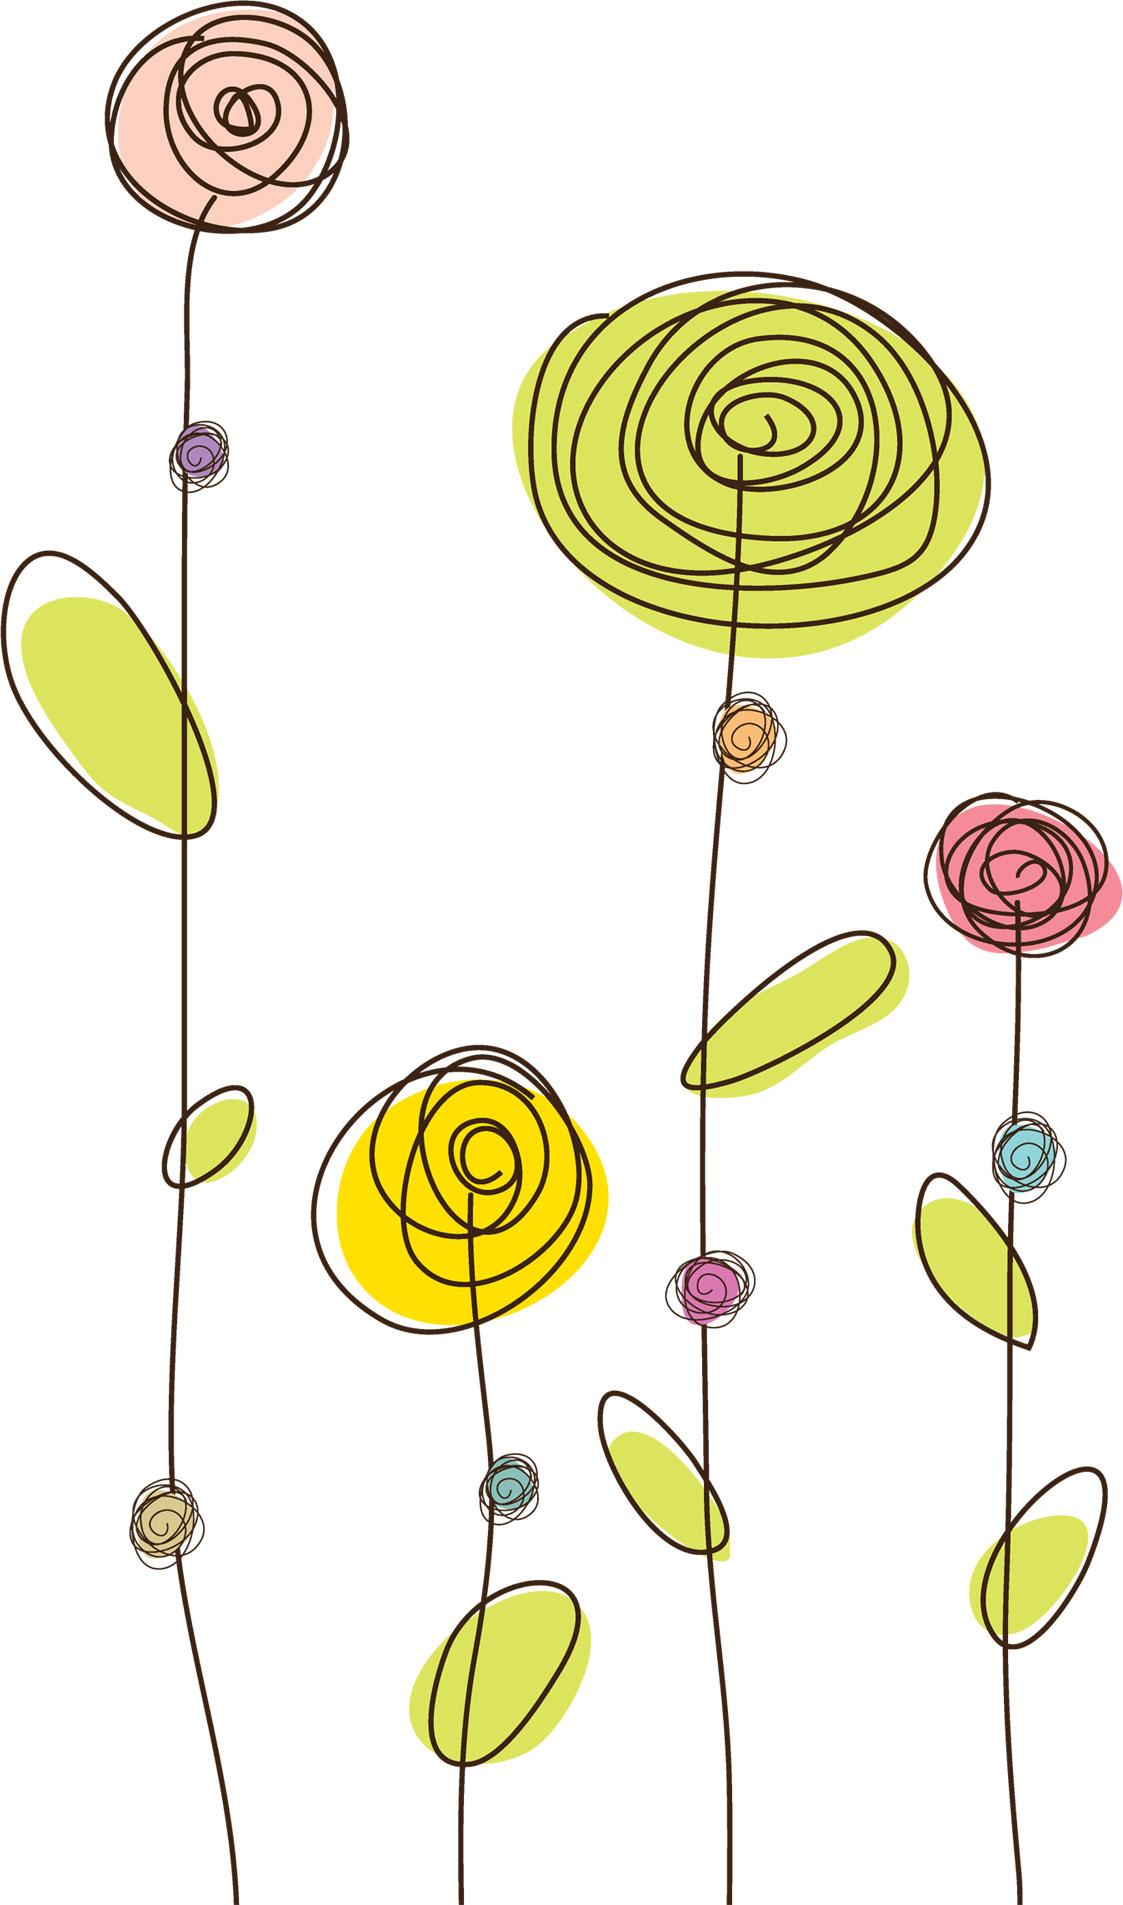 ポップでかわいい花のイラスト・フリー素材/no.006『シンプルフラワー』